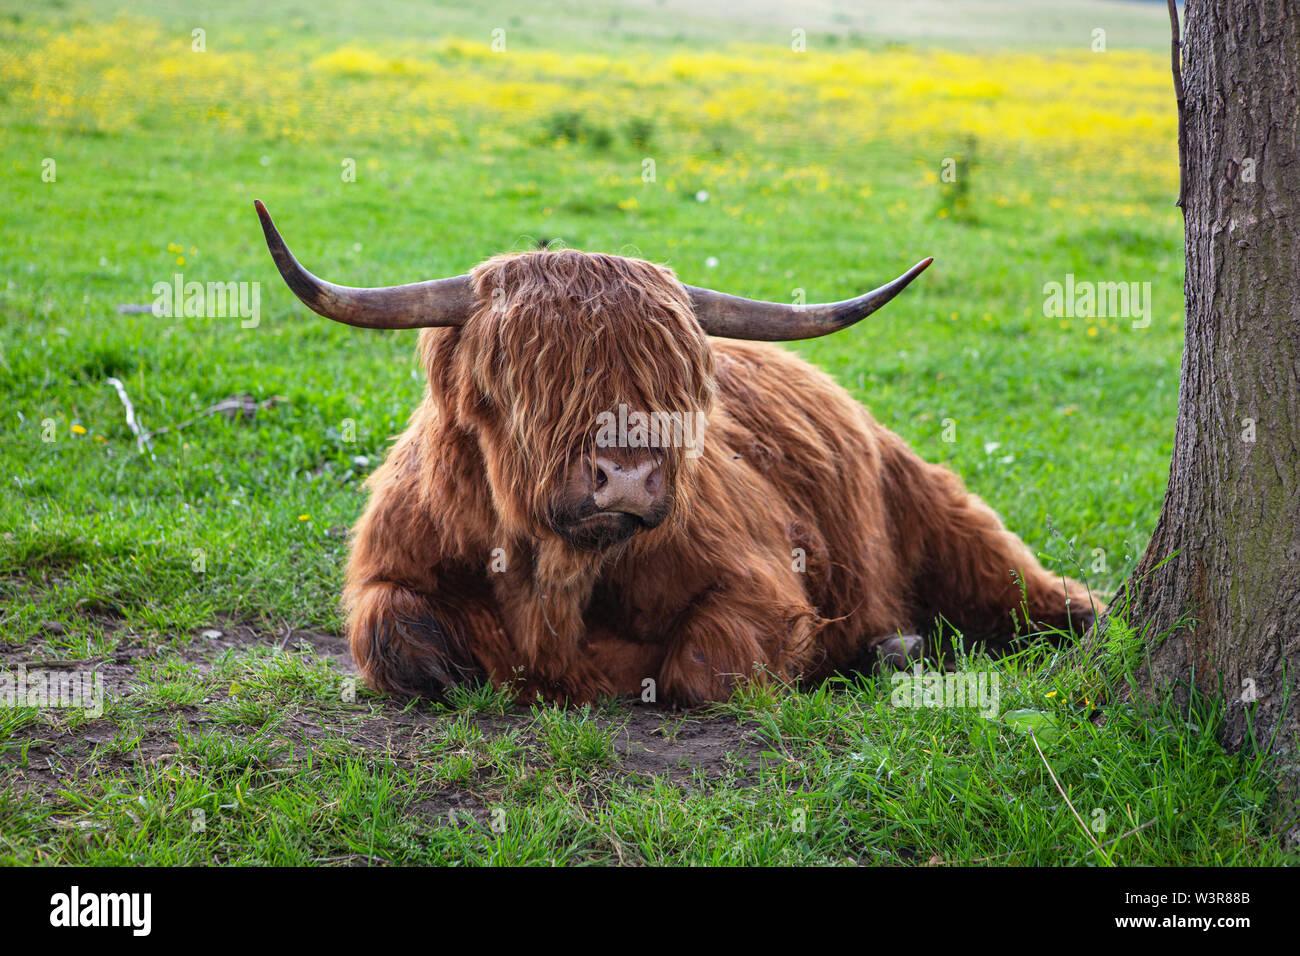 Ein Schottisches Hochlandrind in einer Wiese. Stockfoto